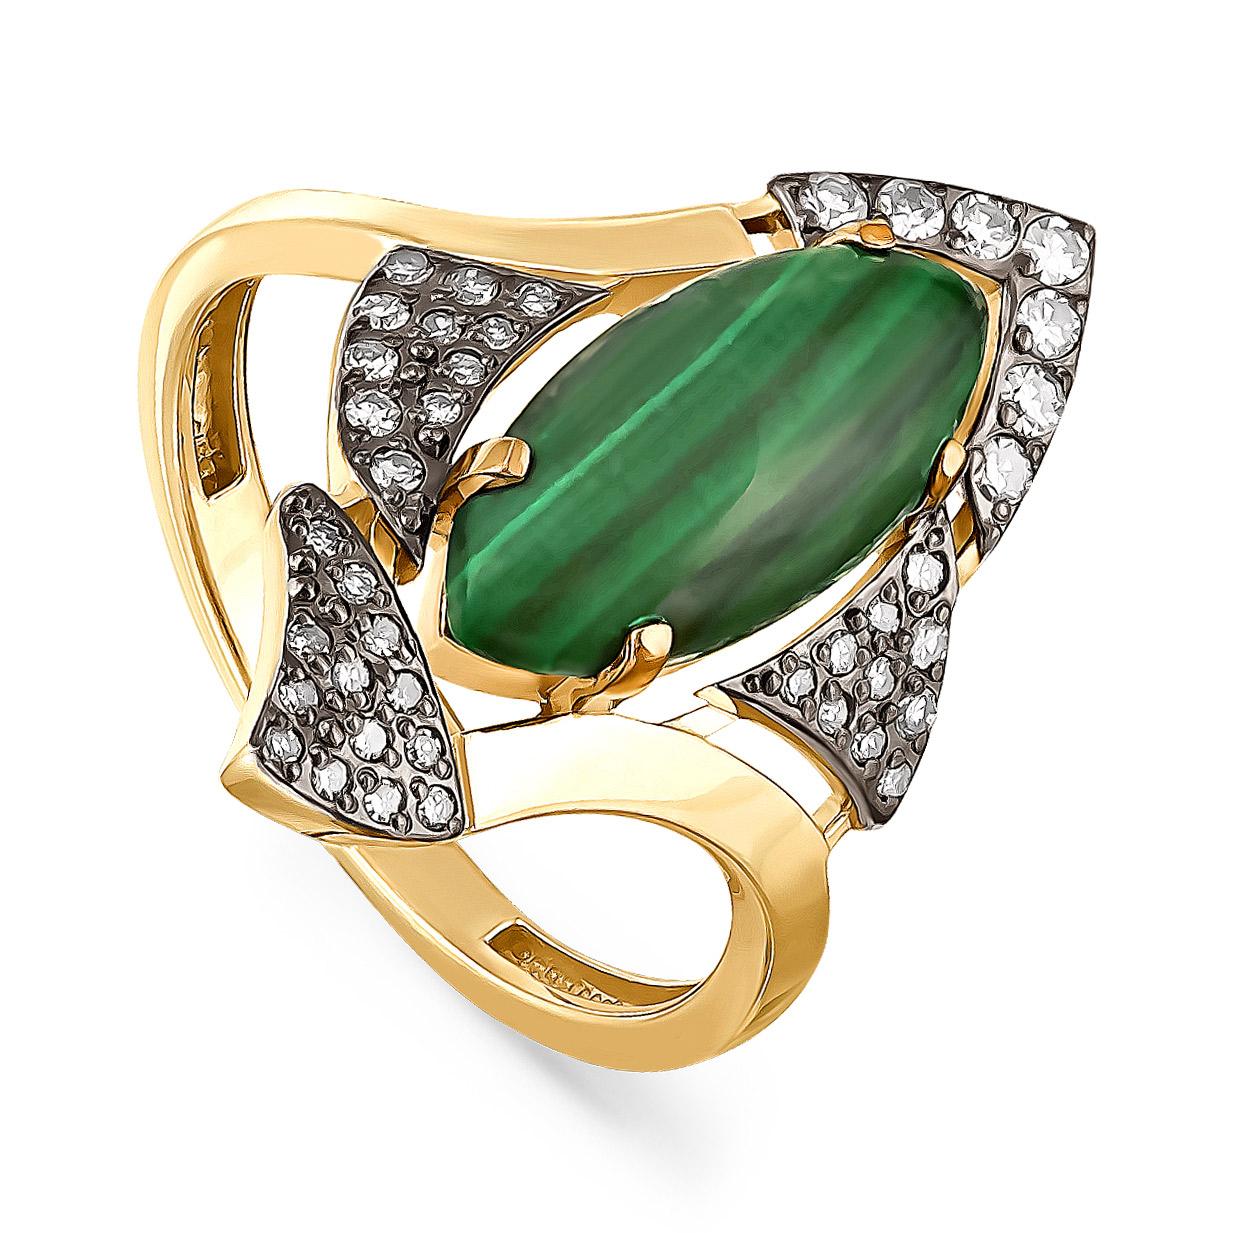 Кольцо из лимонного золота Бриллиант и Прочие арт. 11-21025-4600 11-21025-4600